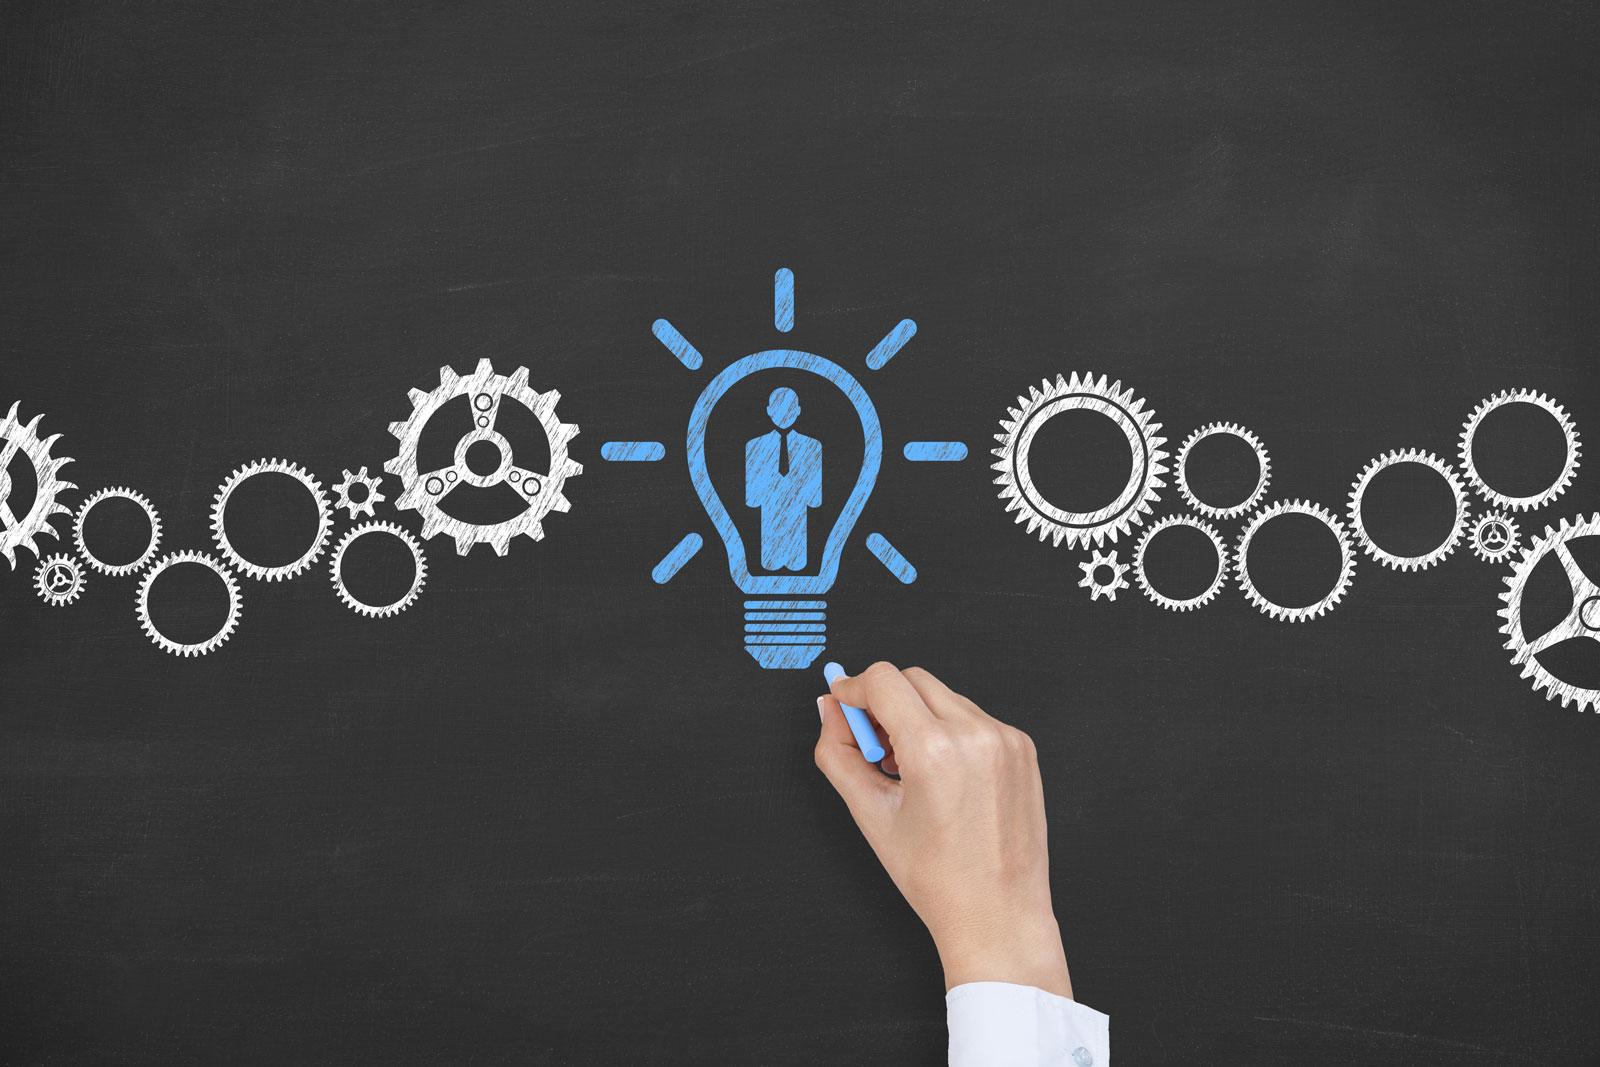 Best HR Tech - Blue Light Bulb On Chalkboard